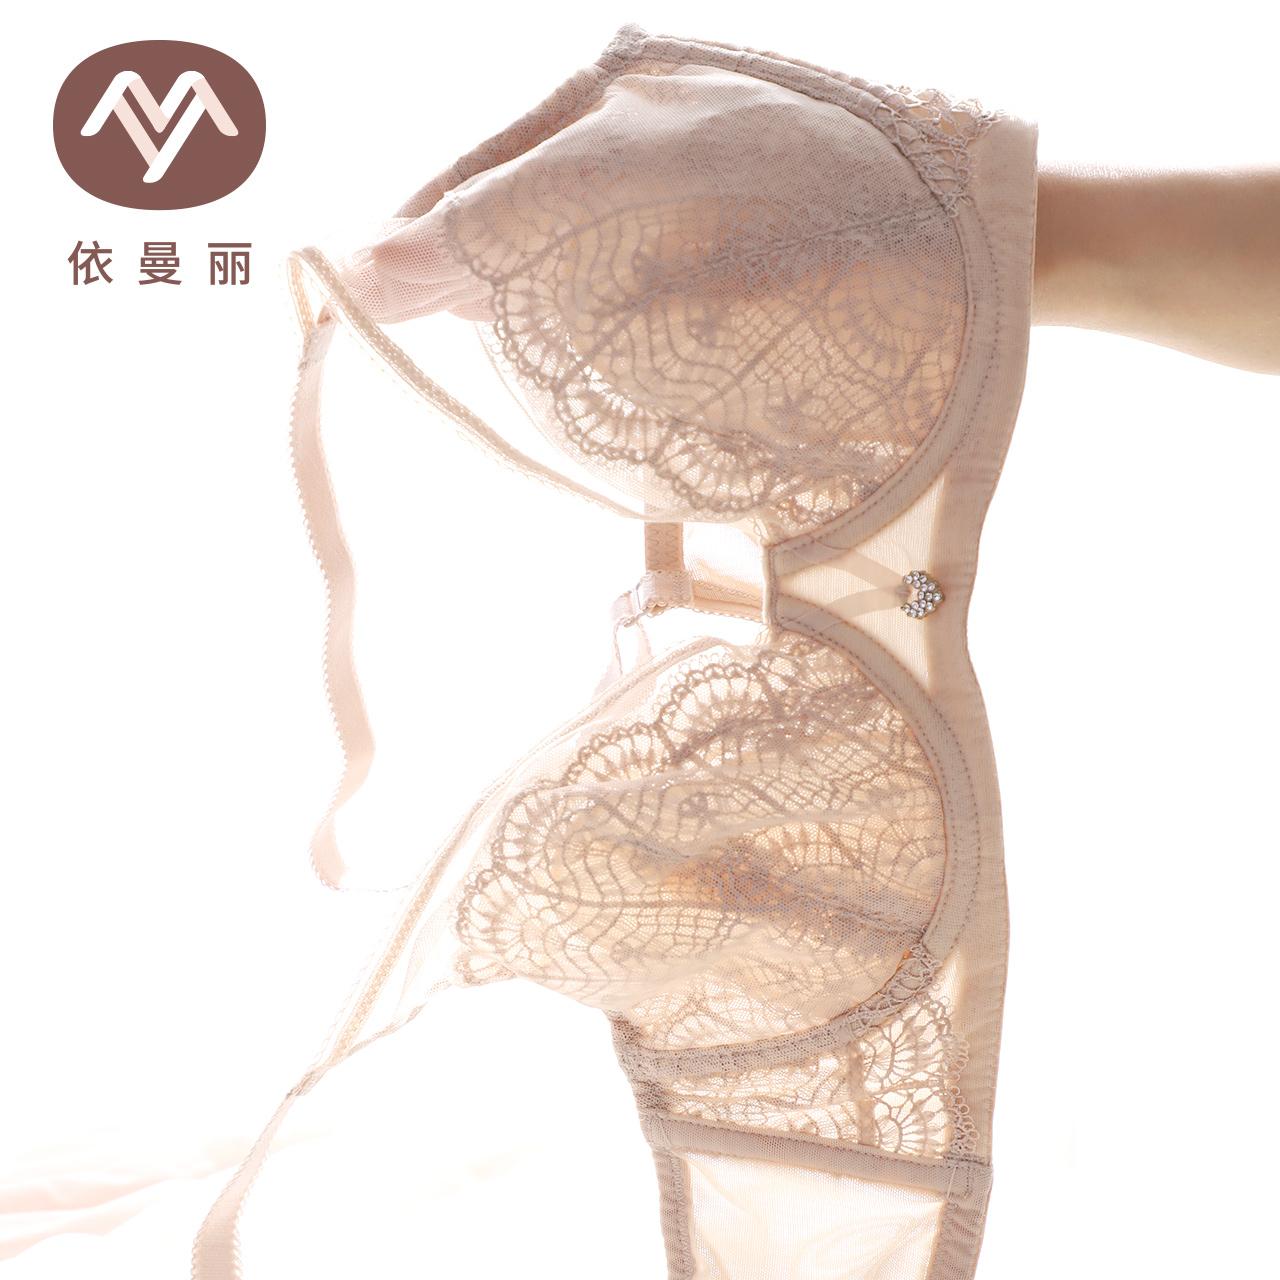 超薄性感文胸  BC杯胸罩夏季薄款内衣蕾丝透气记忆钢圈收副乳聚拢